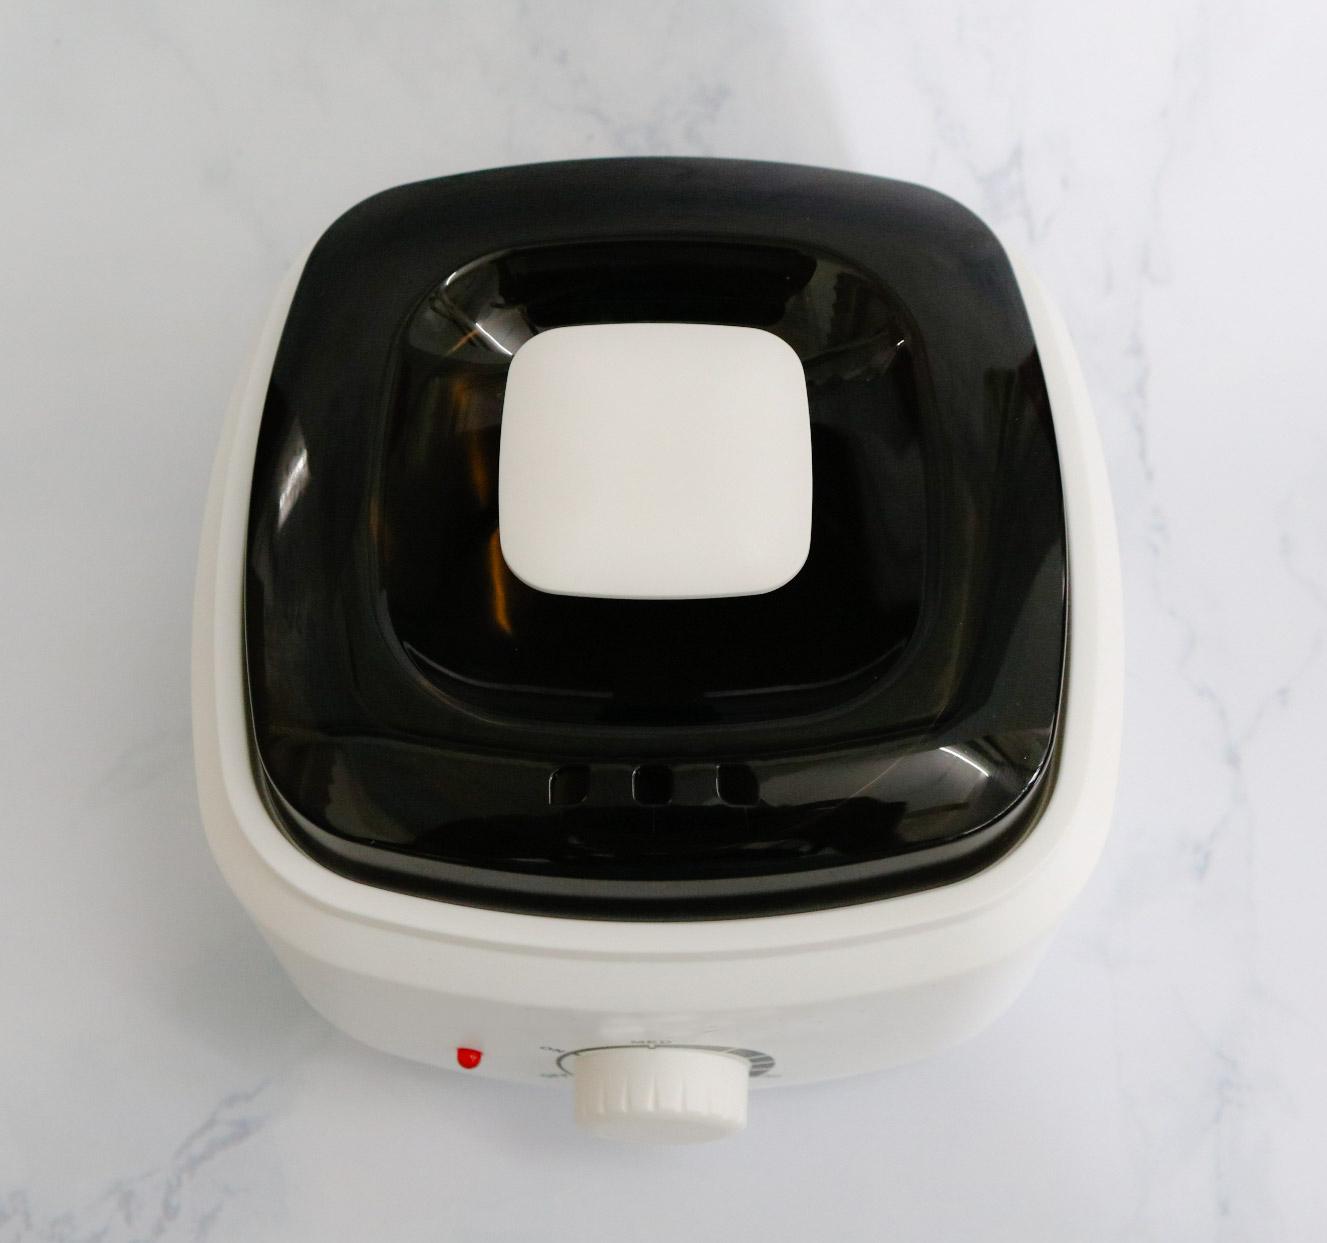 Nồi Nấu Sáp Wax Lông Pro 200